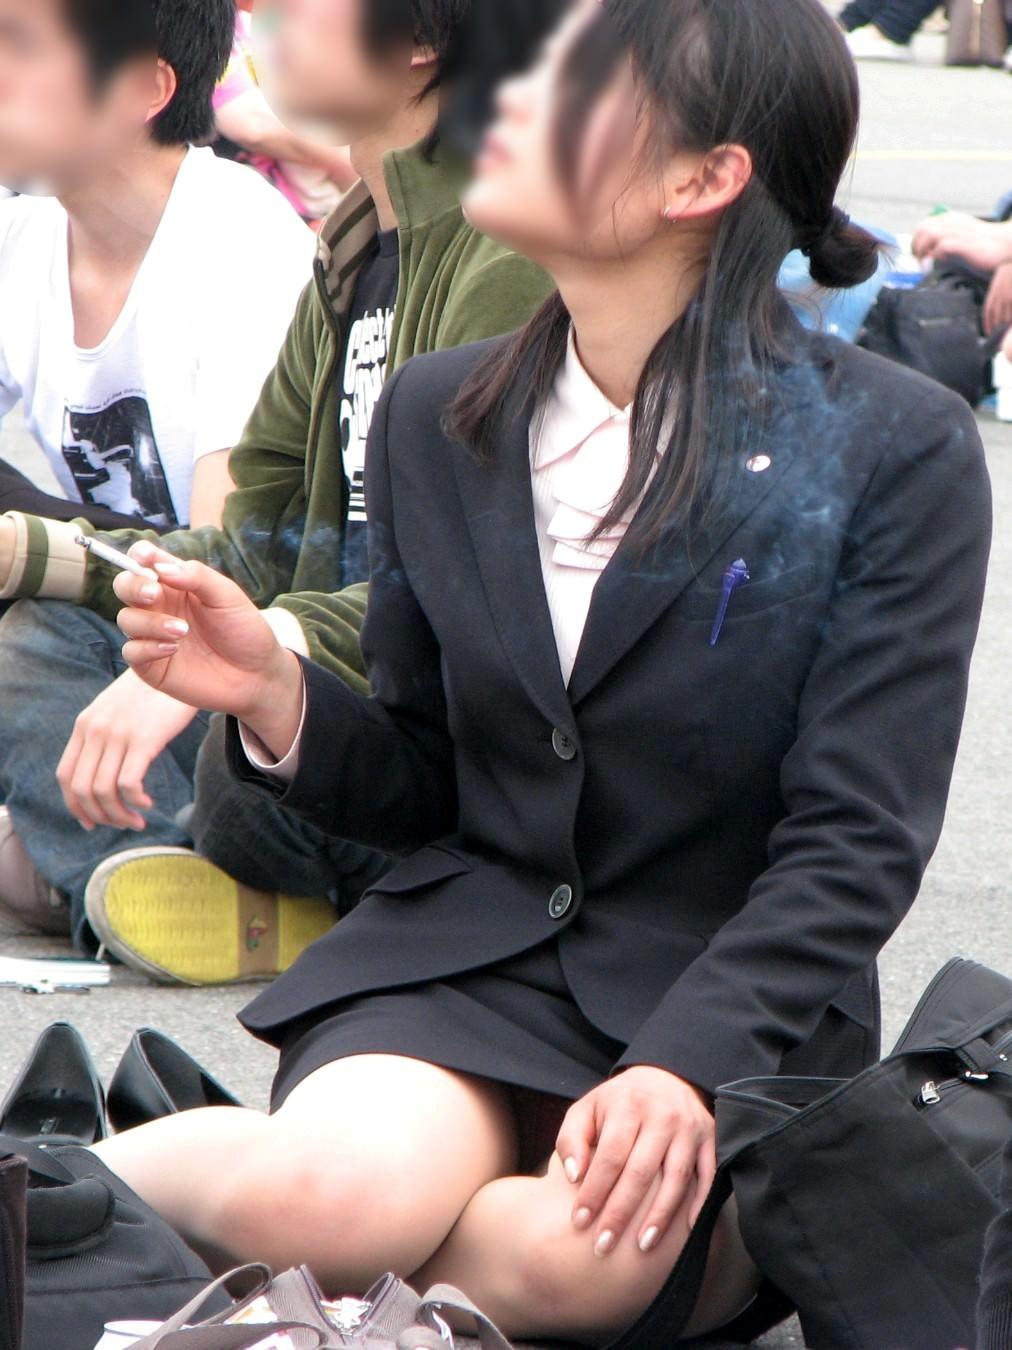 お昼休みの休憩中に座ってるOLのスーツからチラ見えするパンチラ街撮りエロ画像 737